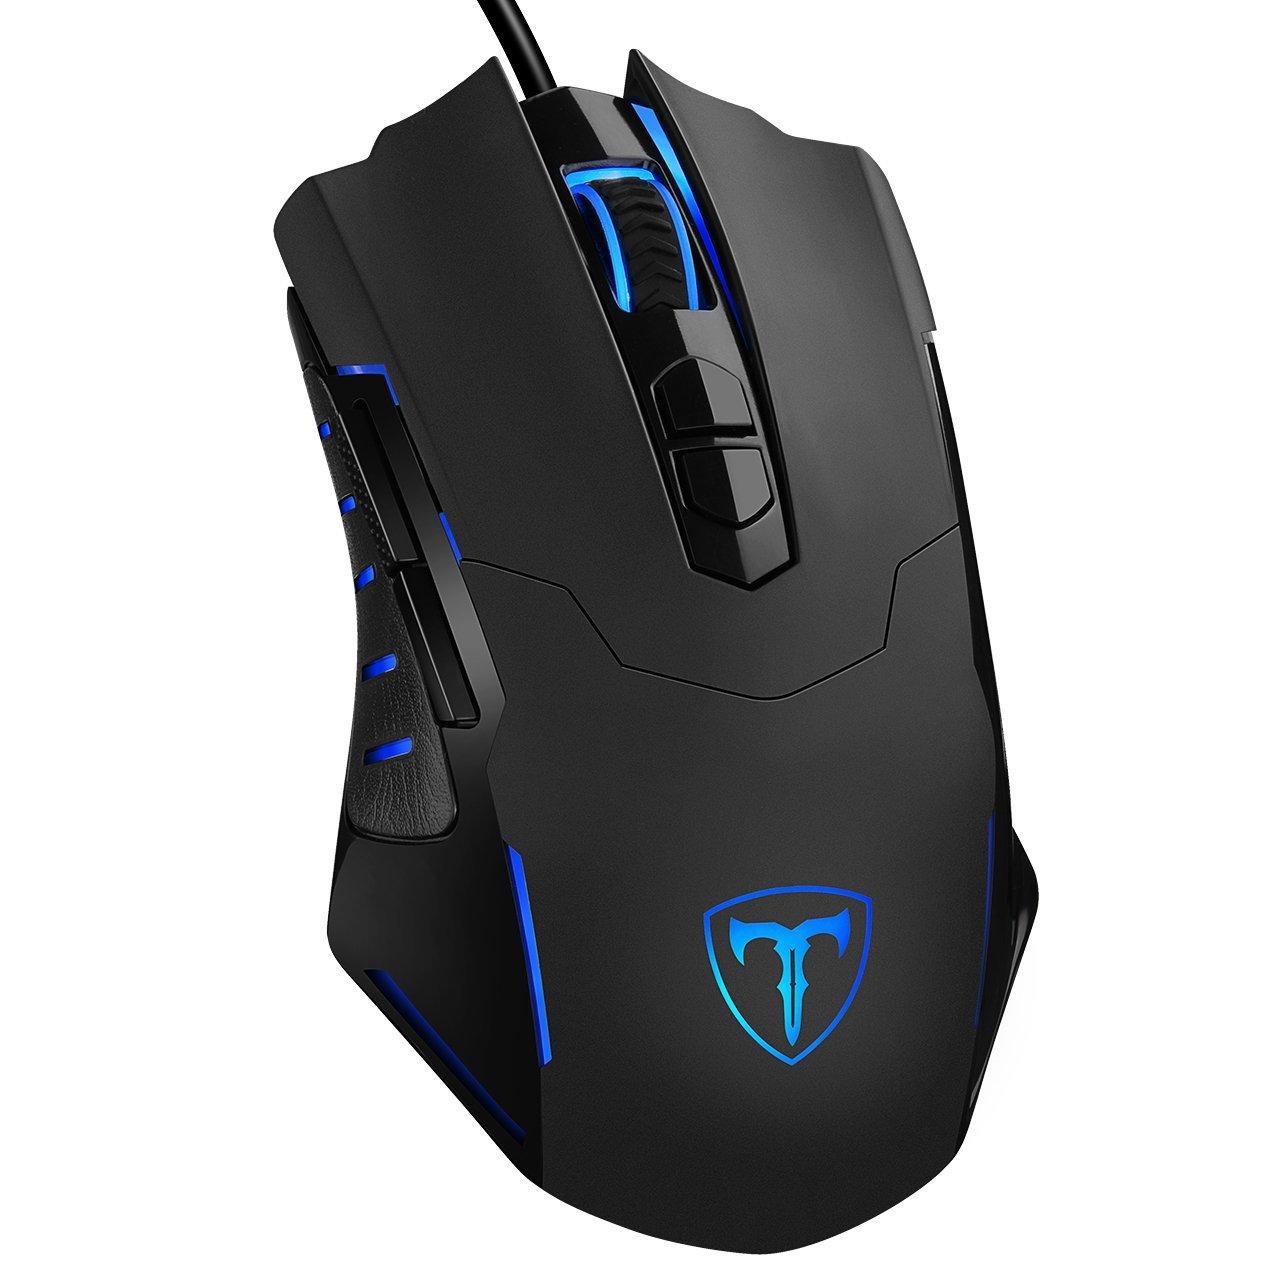 85634e06d92 PICTEK Gaming Mouse Wired [7200 DPI] [Programmable] [Breathing Light]  Ergonomic